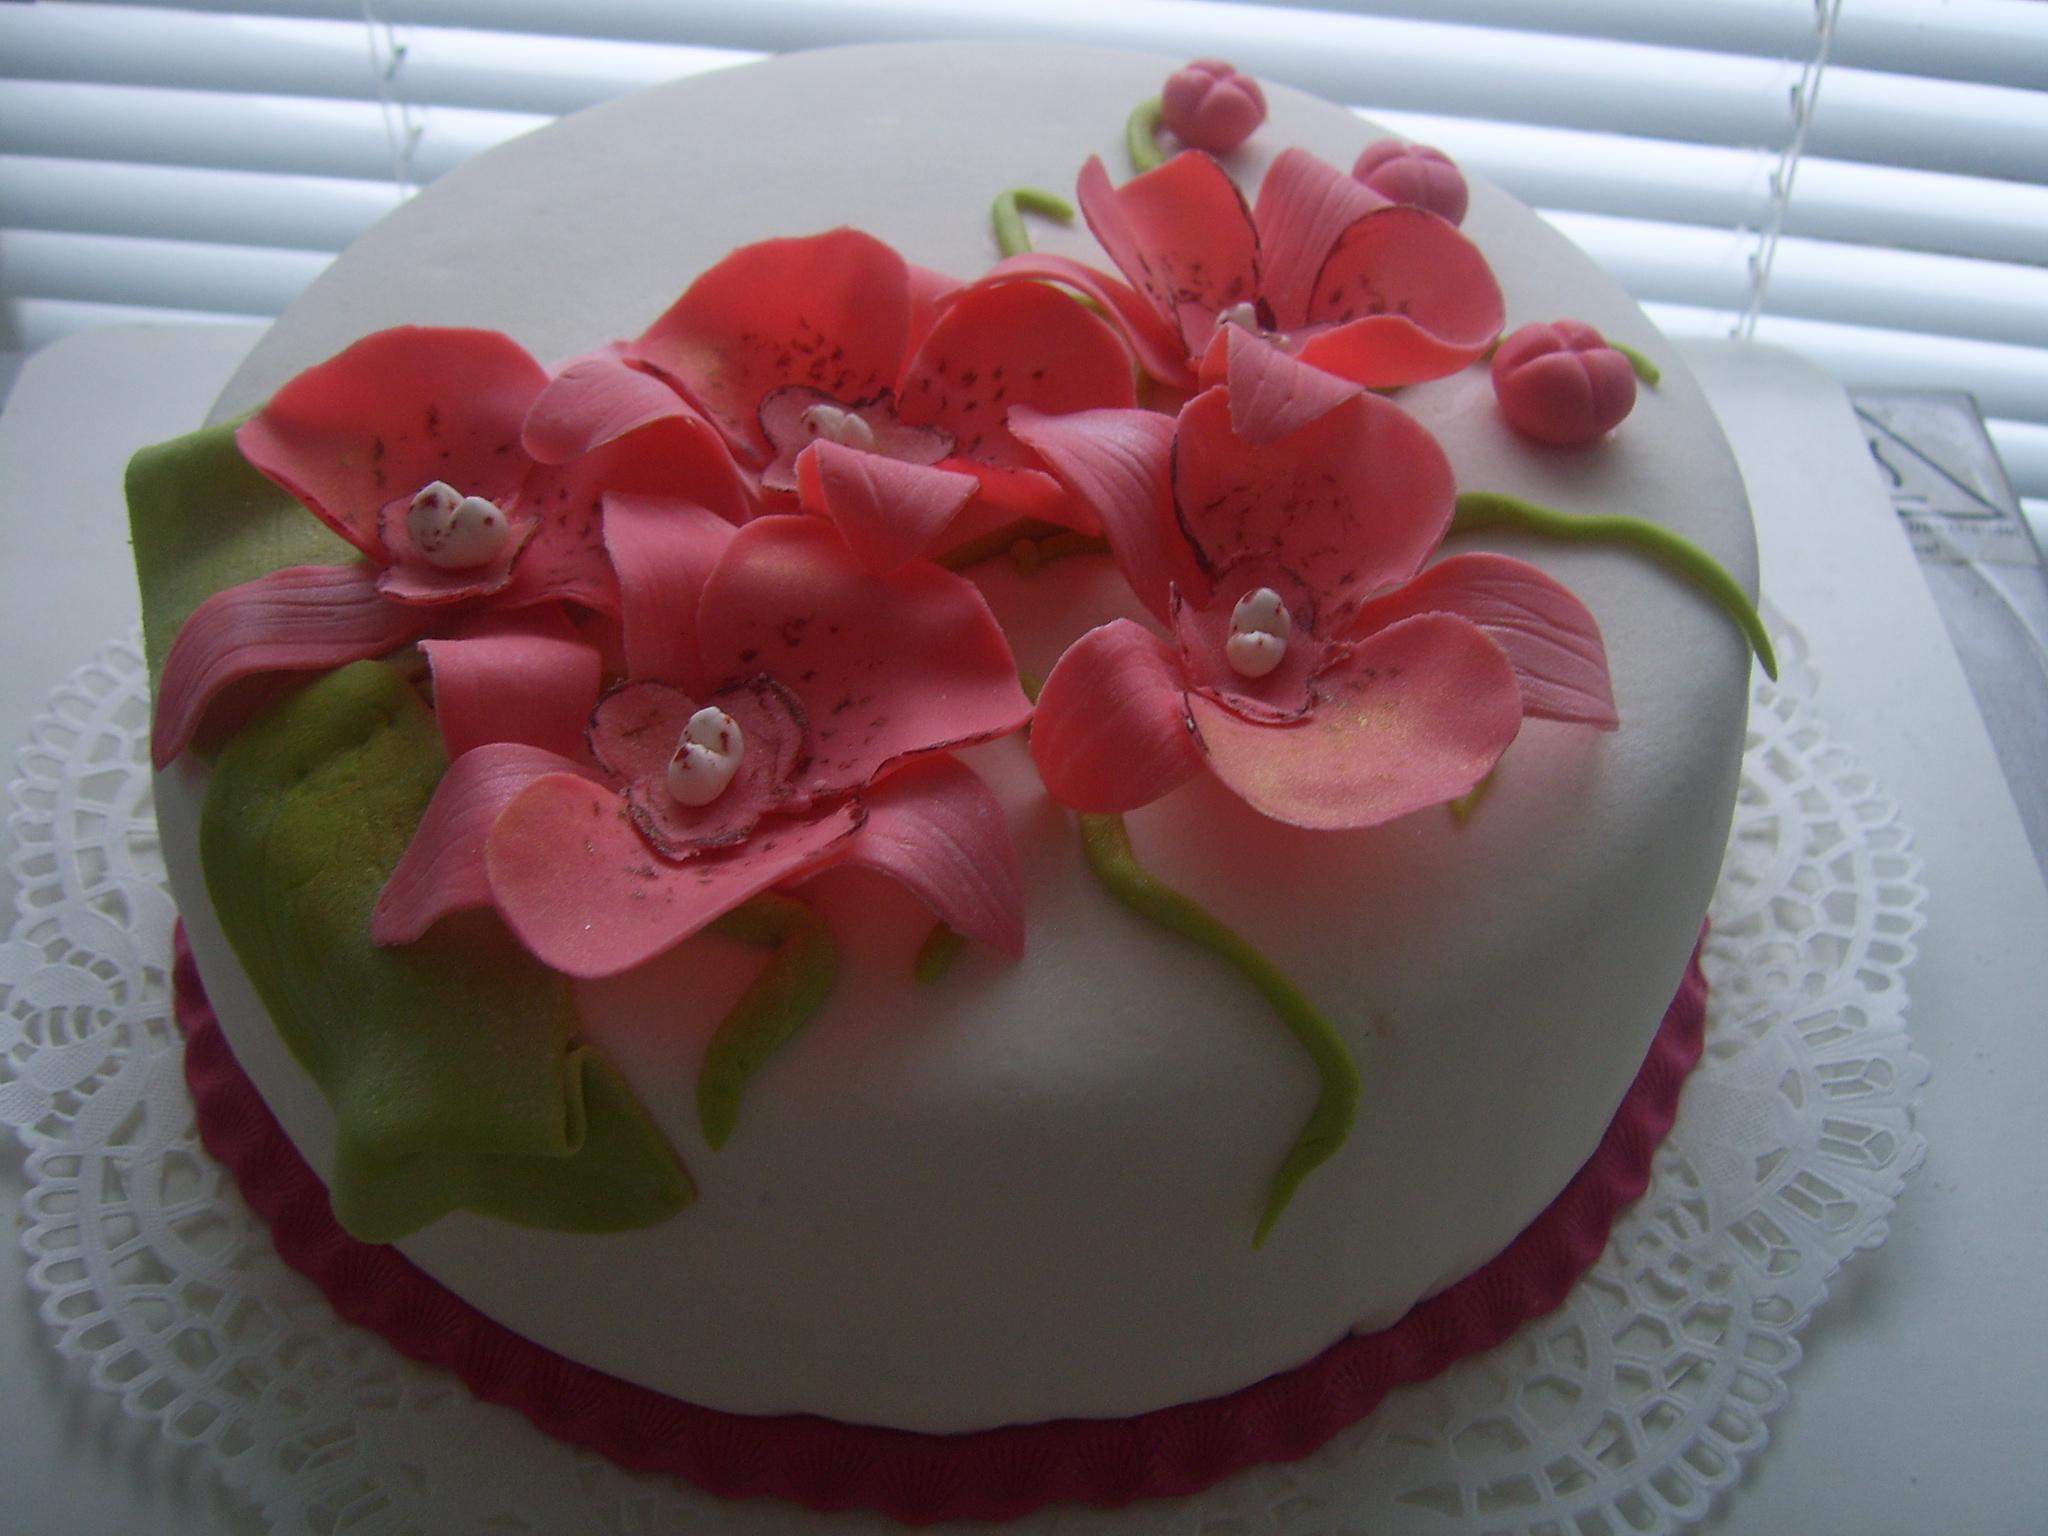 Как сделать красную мастику для торта своими руками